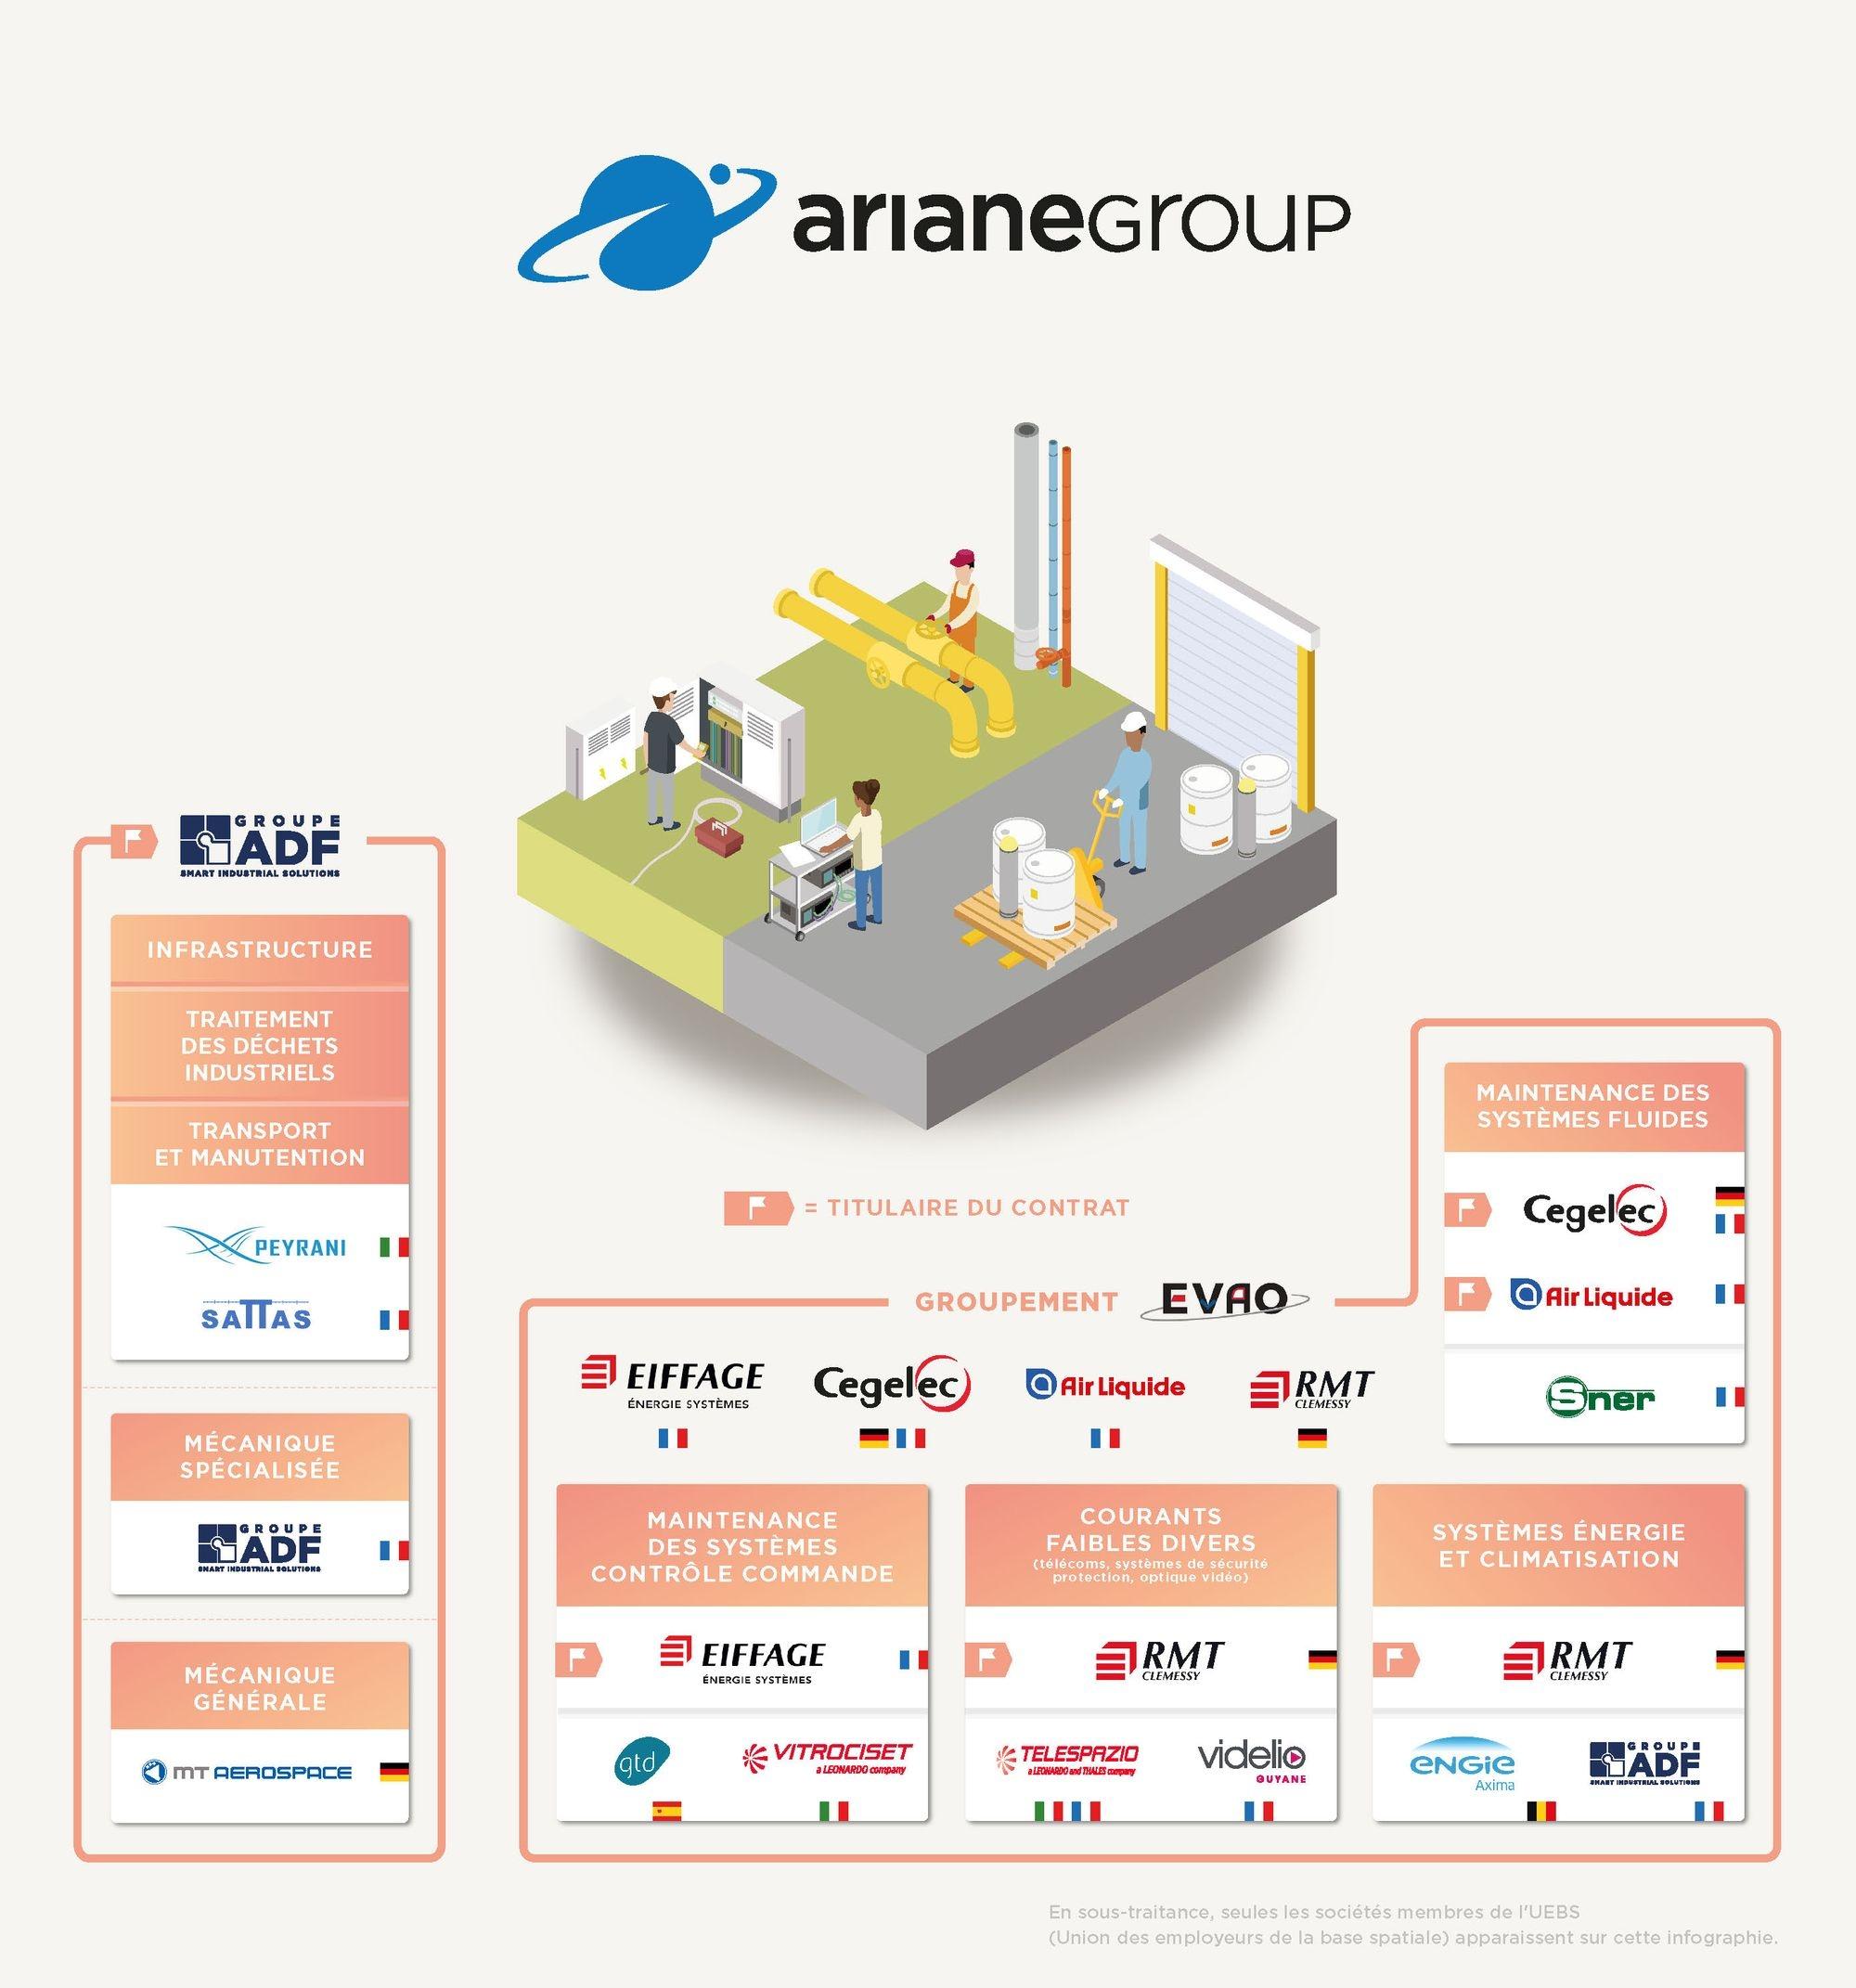 entreprises partenaires d'ArianeGroup